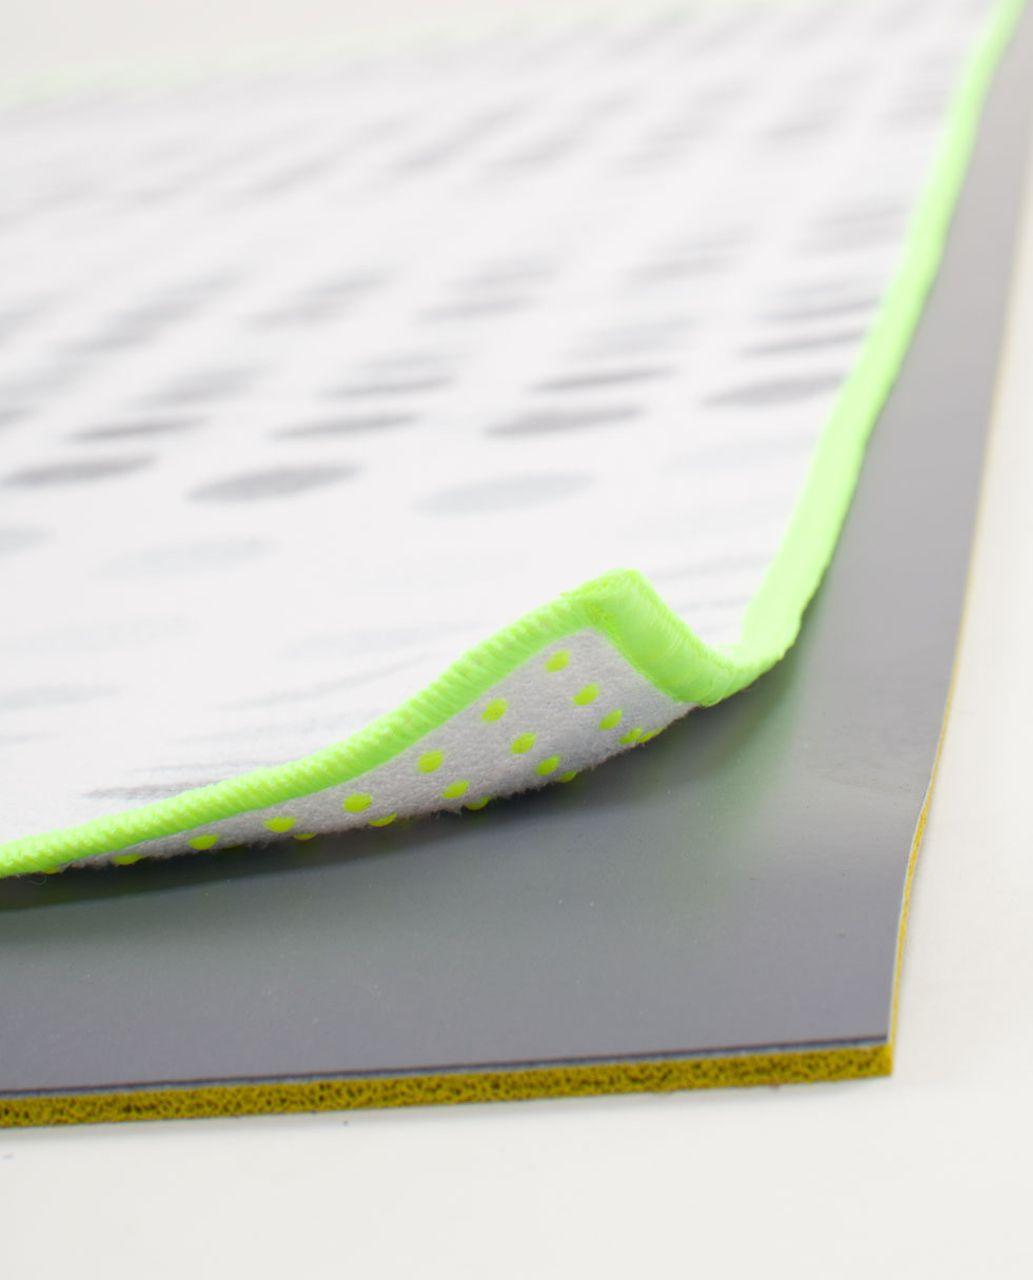 Lululemon Skidless Towel - Seaside Dot White / Fossil / Ray